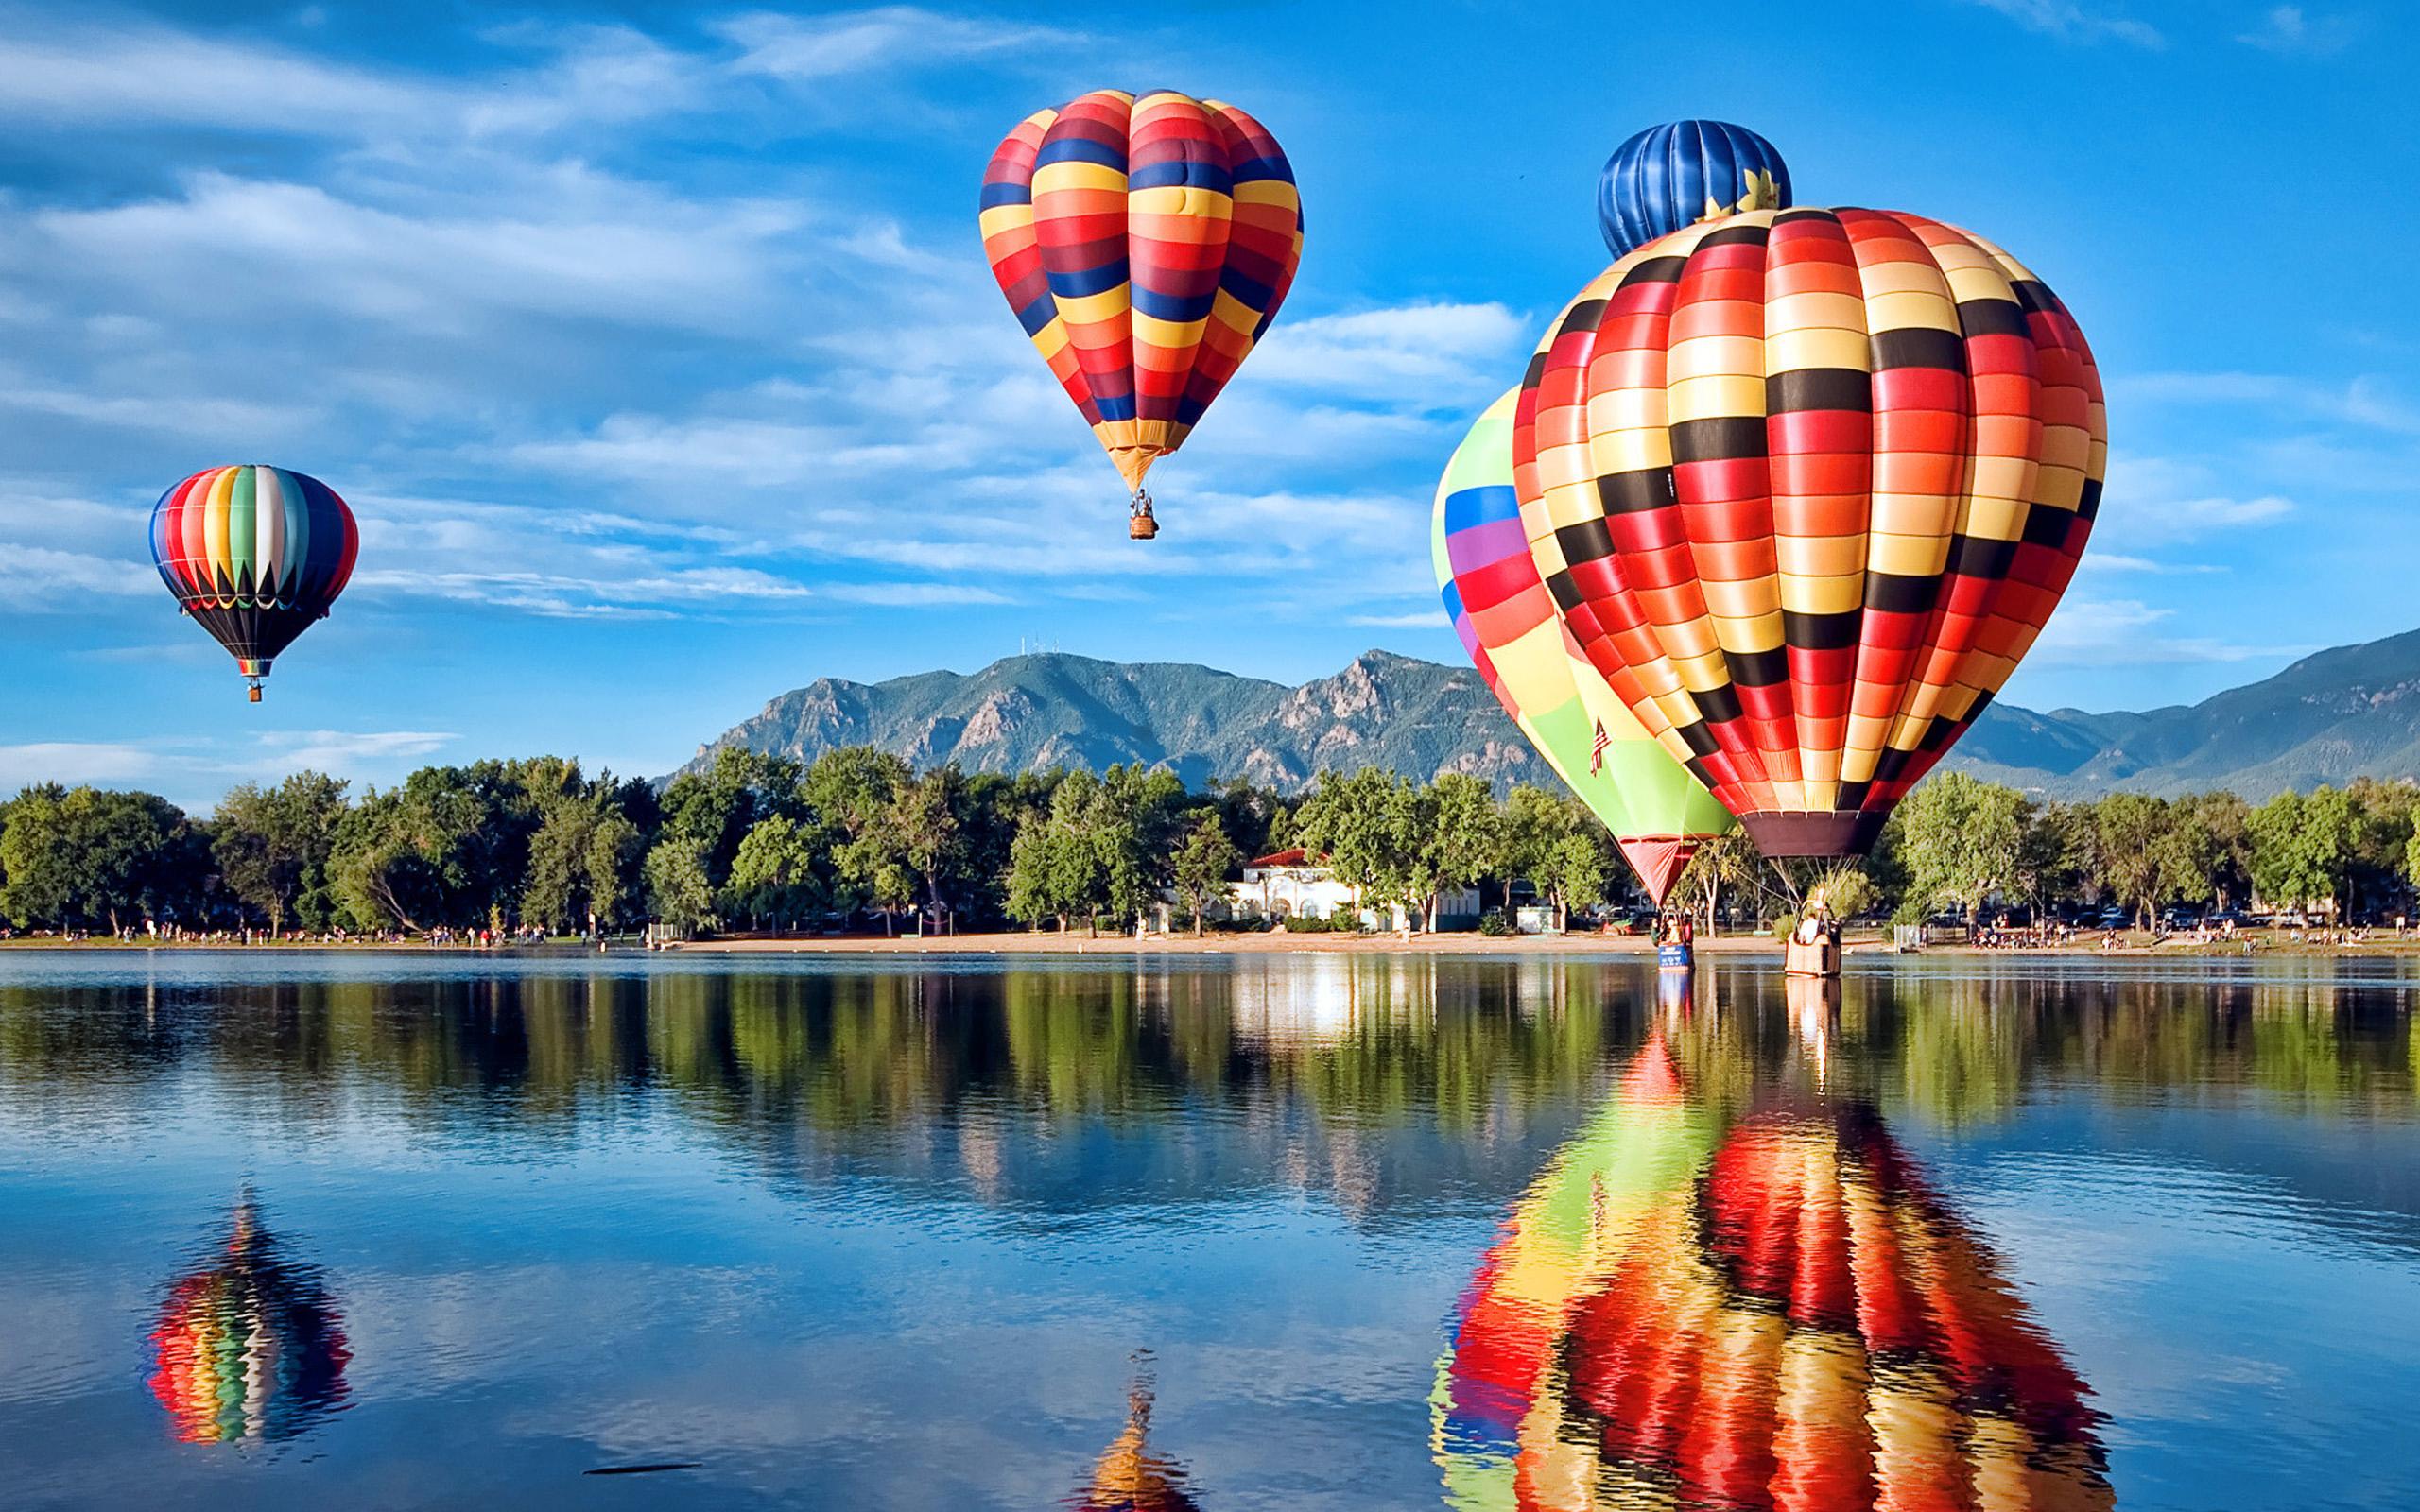 21 Wonderful Hd Hot Air Balloon Wallpapers Hdwallsource Com